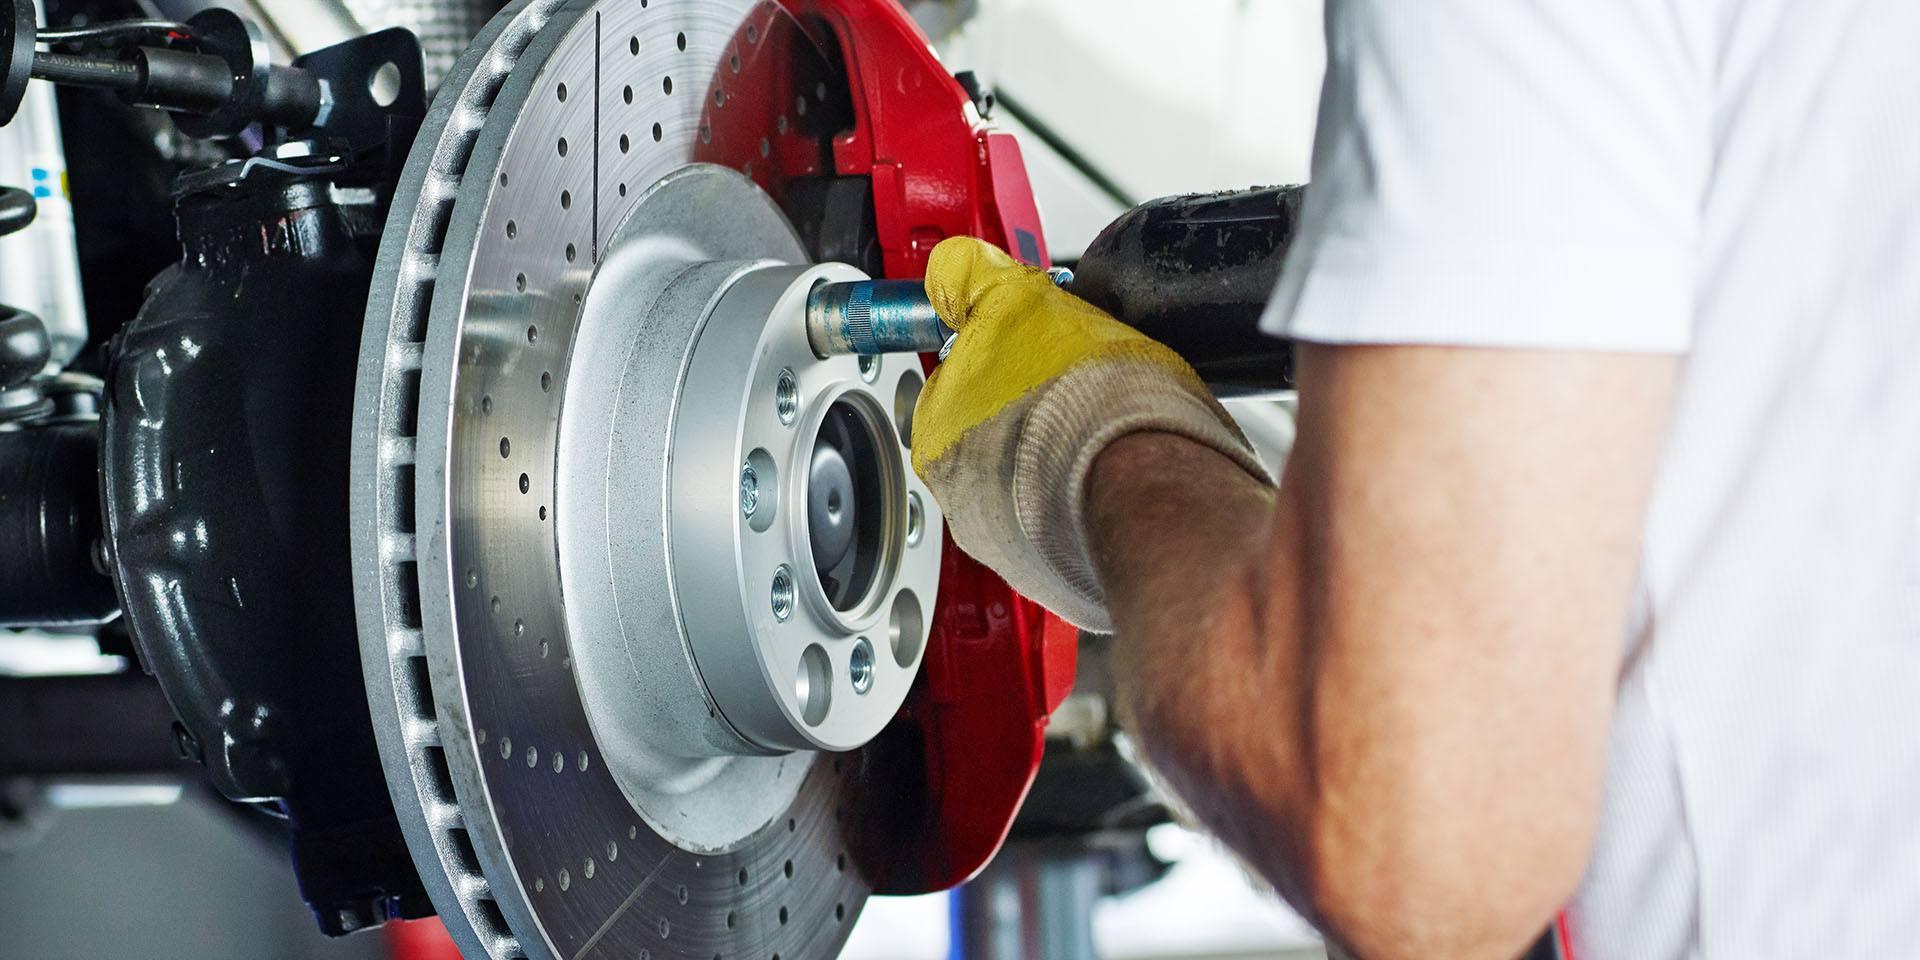 Quand changer les disques et plaquettes de frein de ma voiture ?